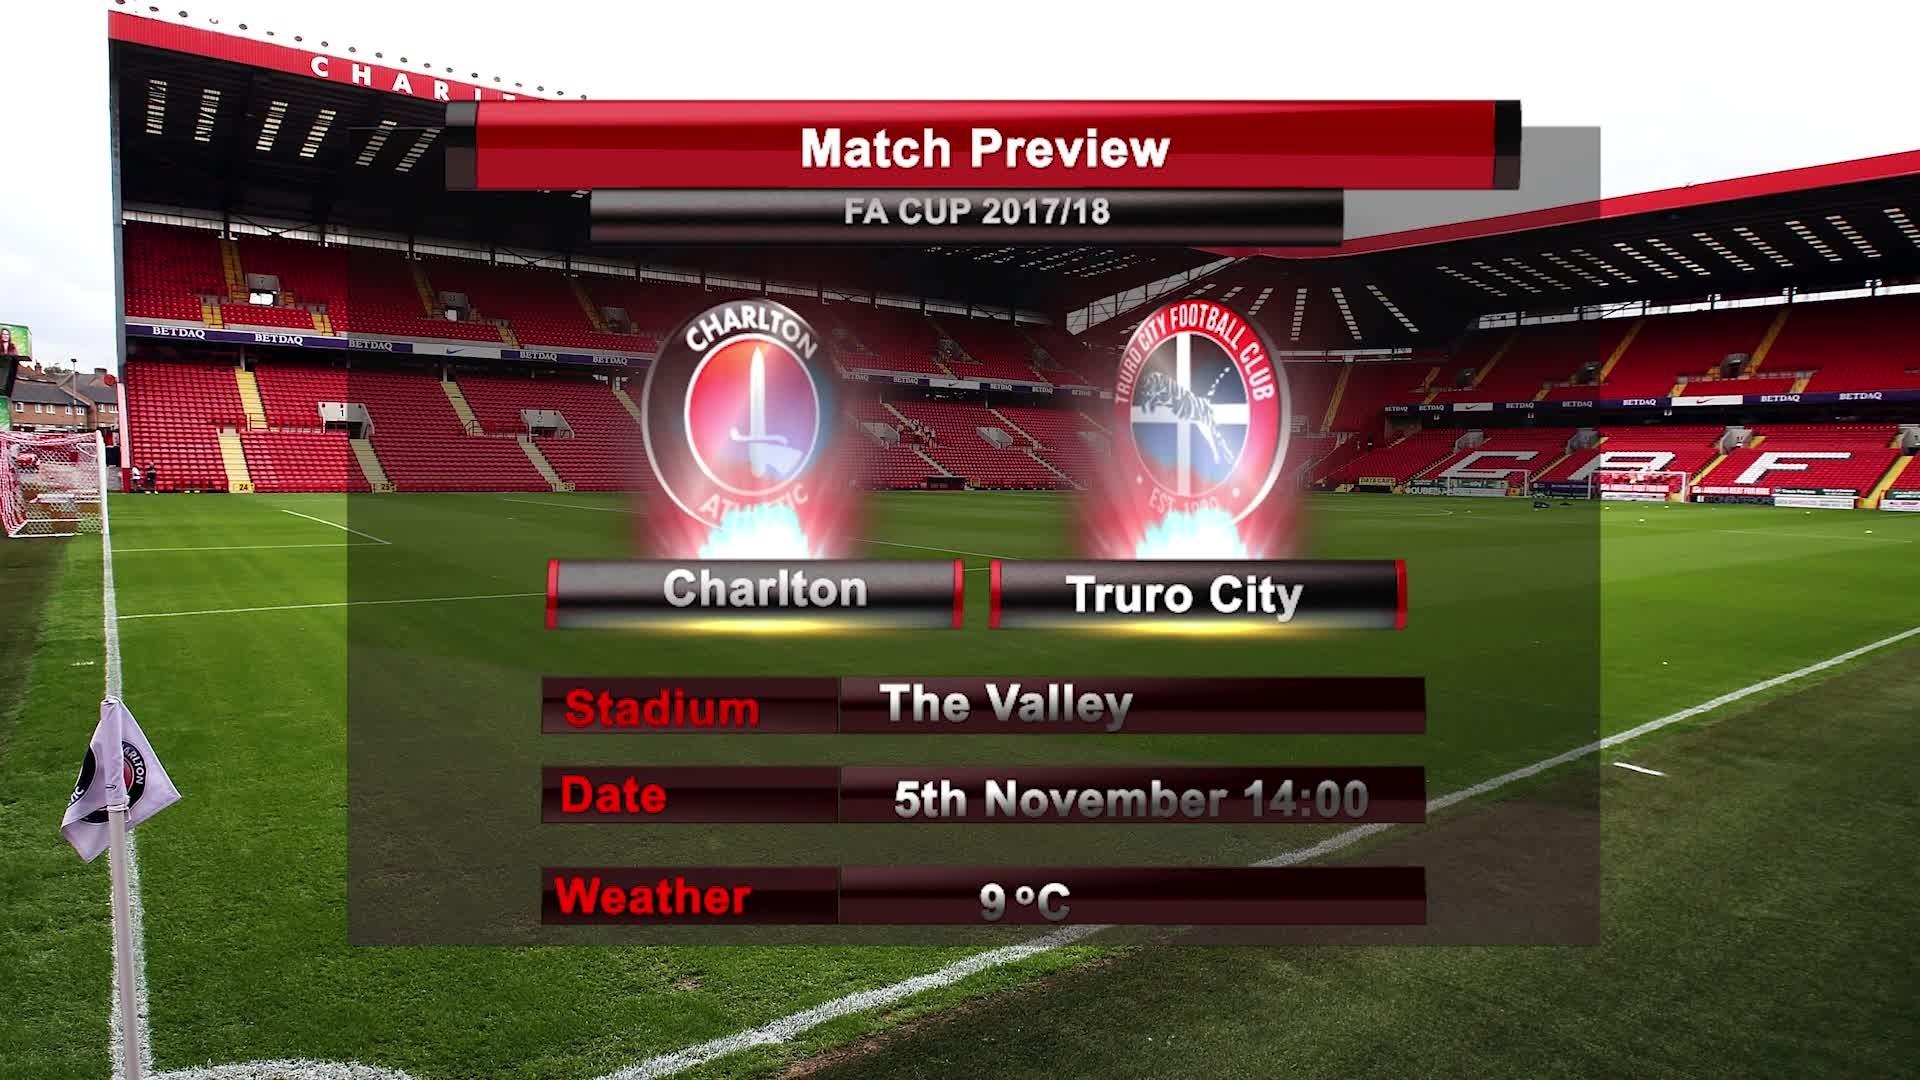 MATCH PREVIEW | Charlton vs Truro City